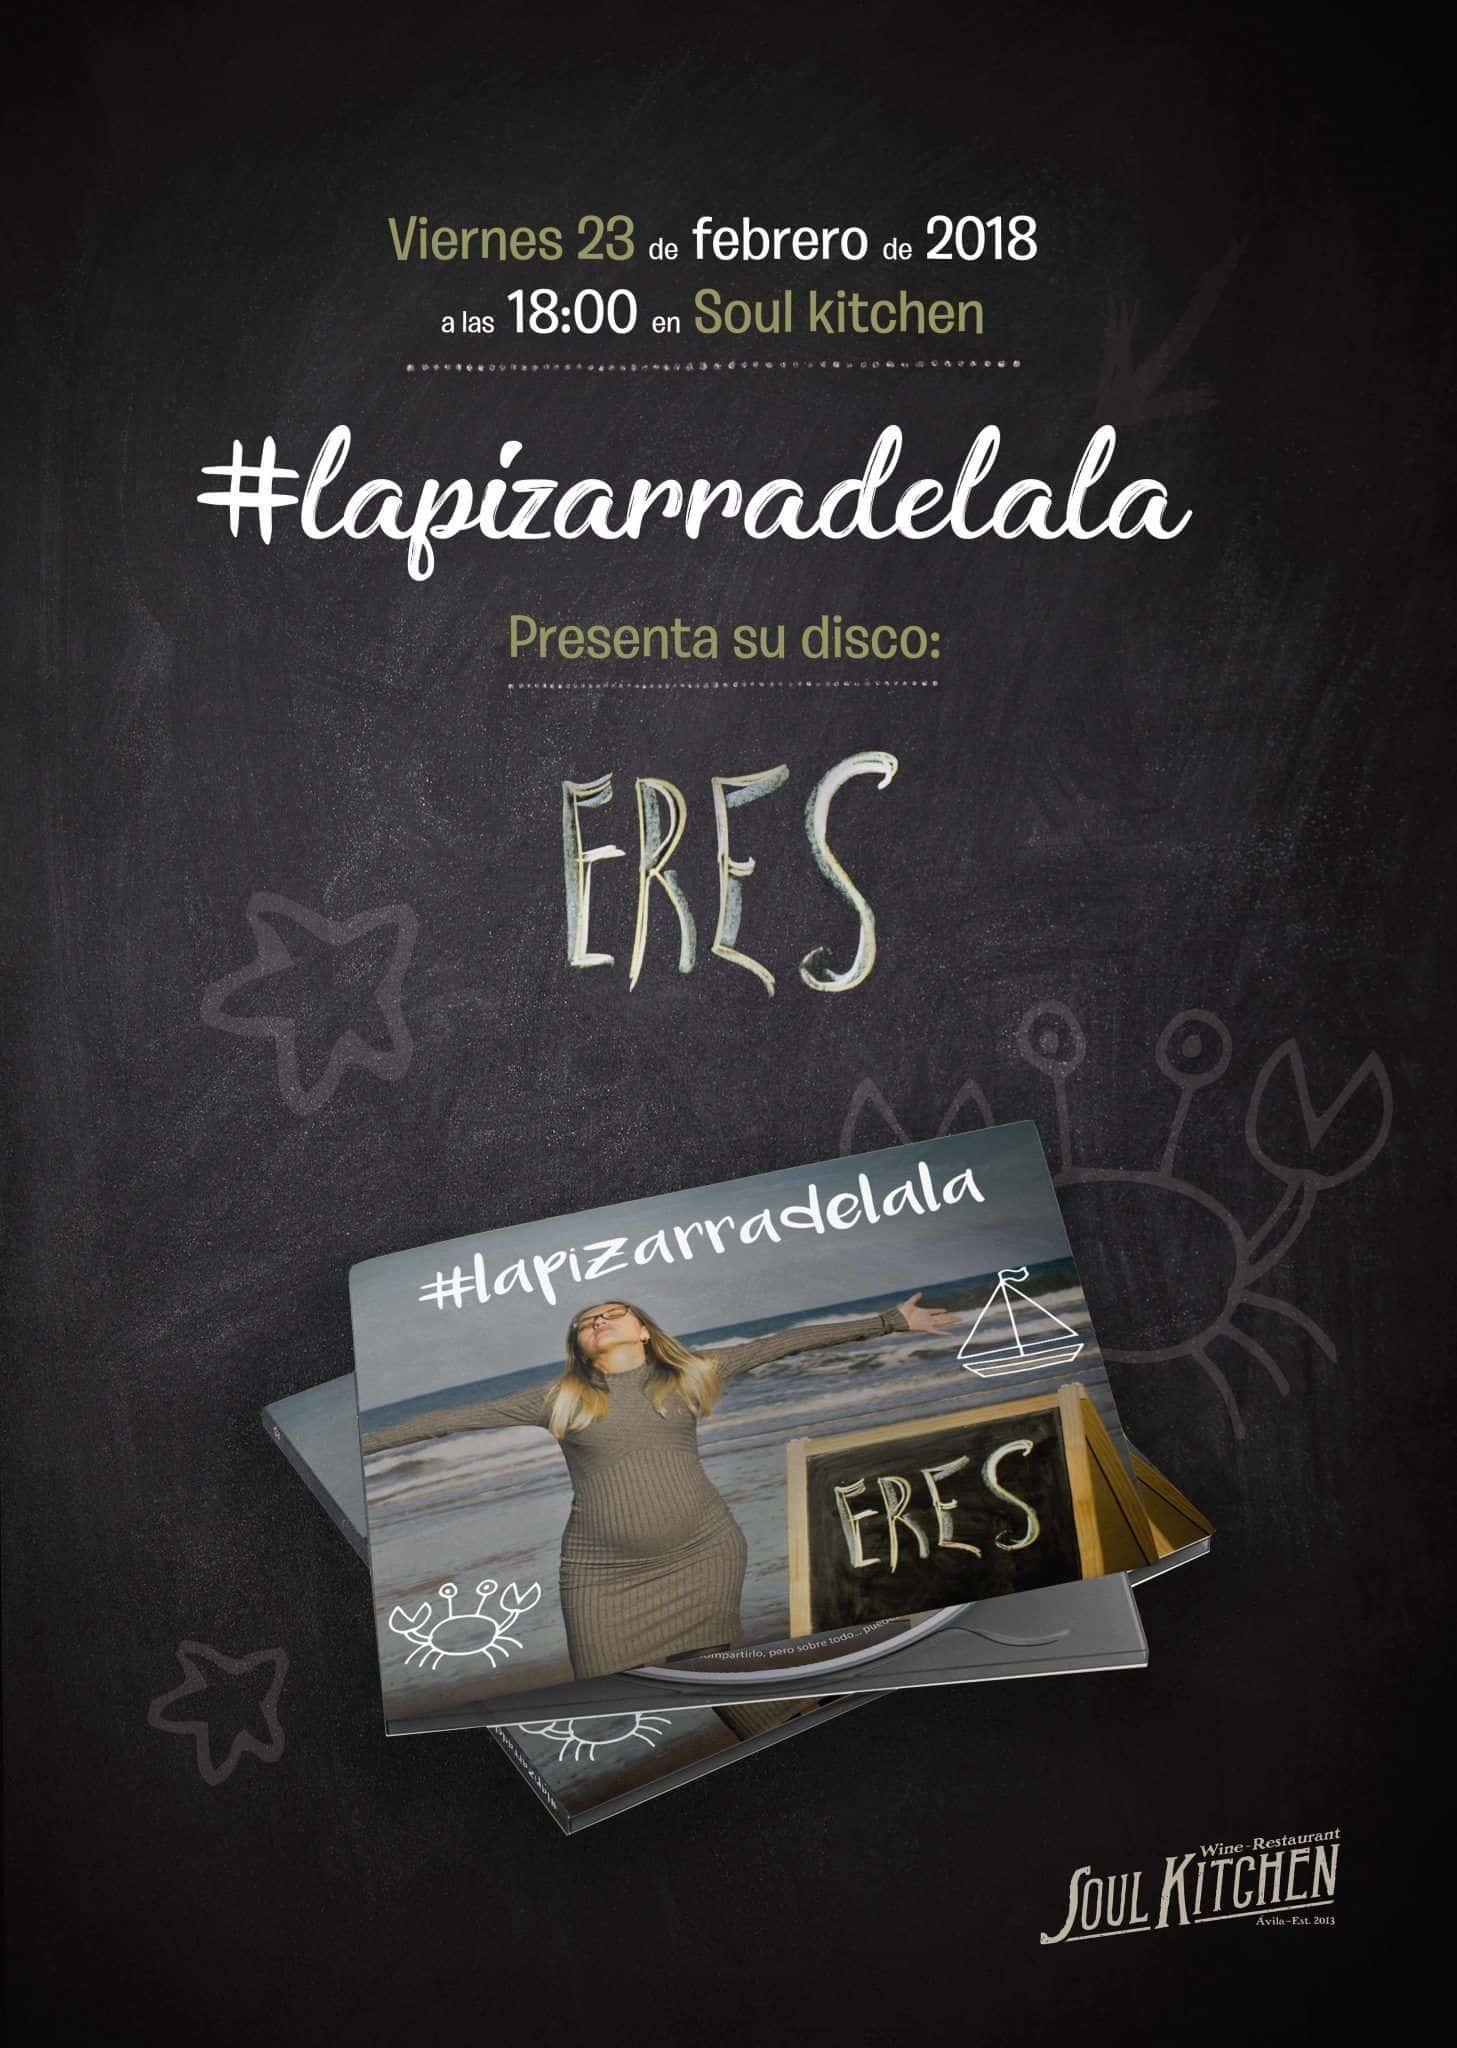 #lapizarradelala